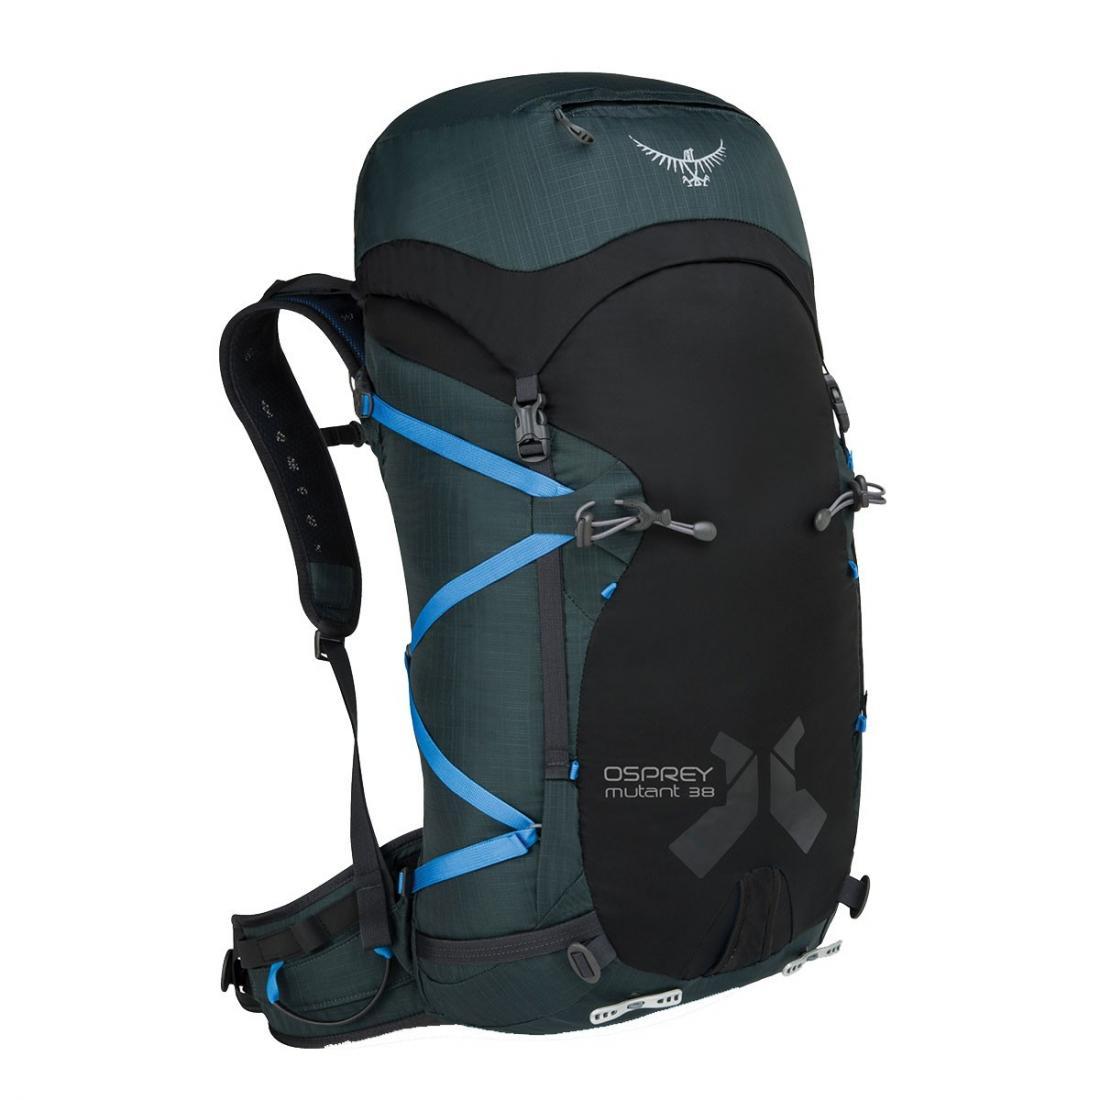 Рюкзак Mutant 38Рюкзаки<br>Всесезонный рюкзак, специально сконструированный для восхождений. Очень легкий, гибкий, универсальный и минималистичный при необходимости, он станет вашим постоянным и верным спутником. Специальное покрытие на задней панели, способствующее соскальзыван...<br><br>Цвет: Серый<br>Размер: 35 л